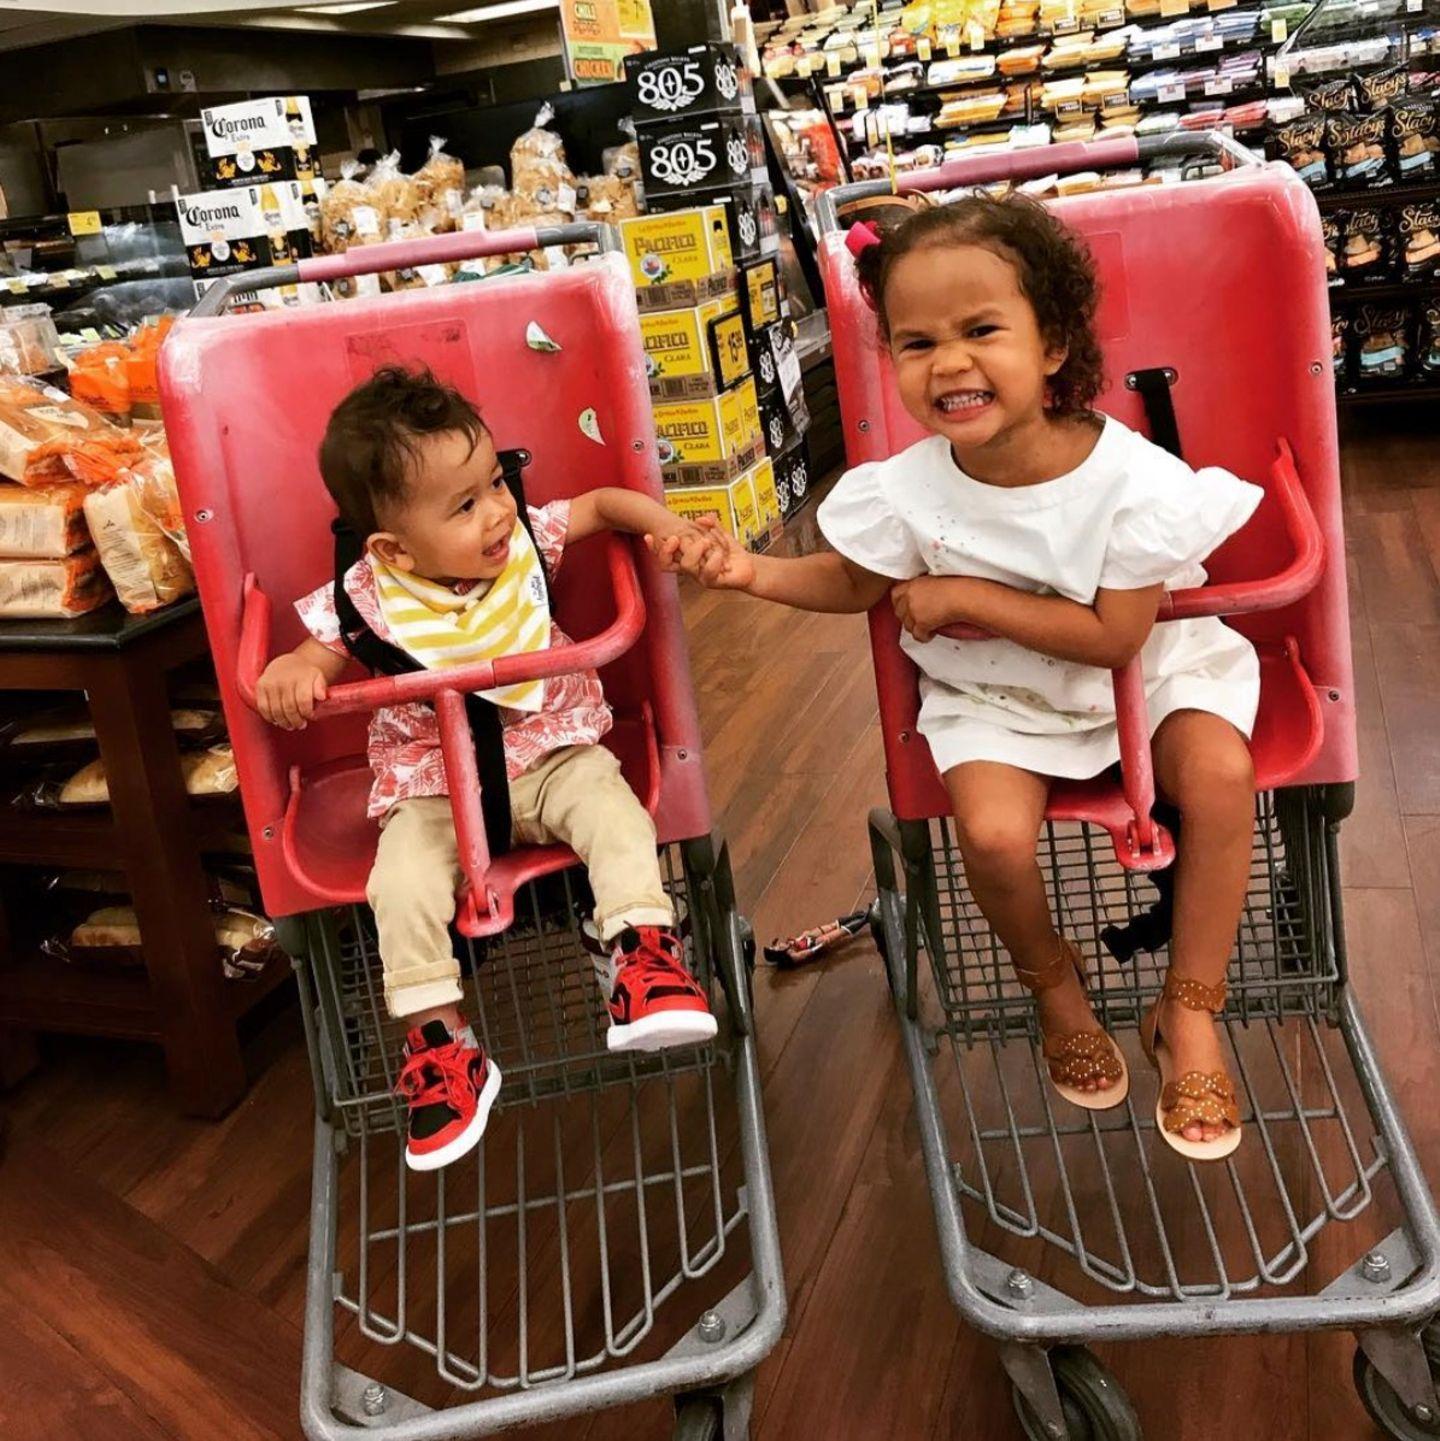 """24. April 2019  Mit Kindern kann Einkaufen auch mal schnell zur Geduldsprobe werden: Chrissy Teigen versuchtgerade ihre beiden Sprösslinge Luna und Milesin einem Supermarkt in Santa Barbara zu bändigen. Was den beiden überhaupt nicht passt? Lunas """"Wonder Woman""""-Puppe wurde kurzerhand über Bord geworfen. Wir haben die Puppe auf dem Bild entdeckt – Chrissy hoffentlich auch."""